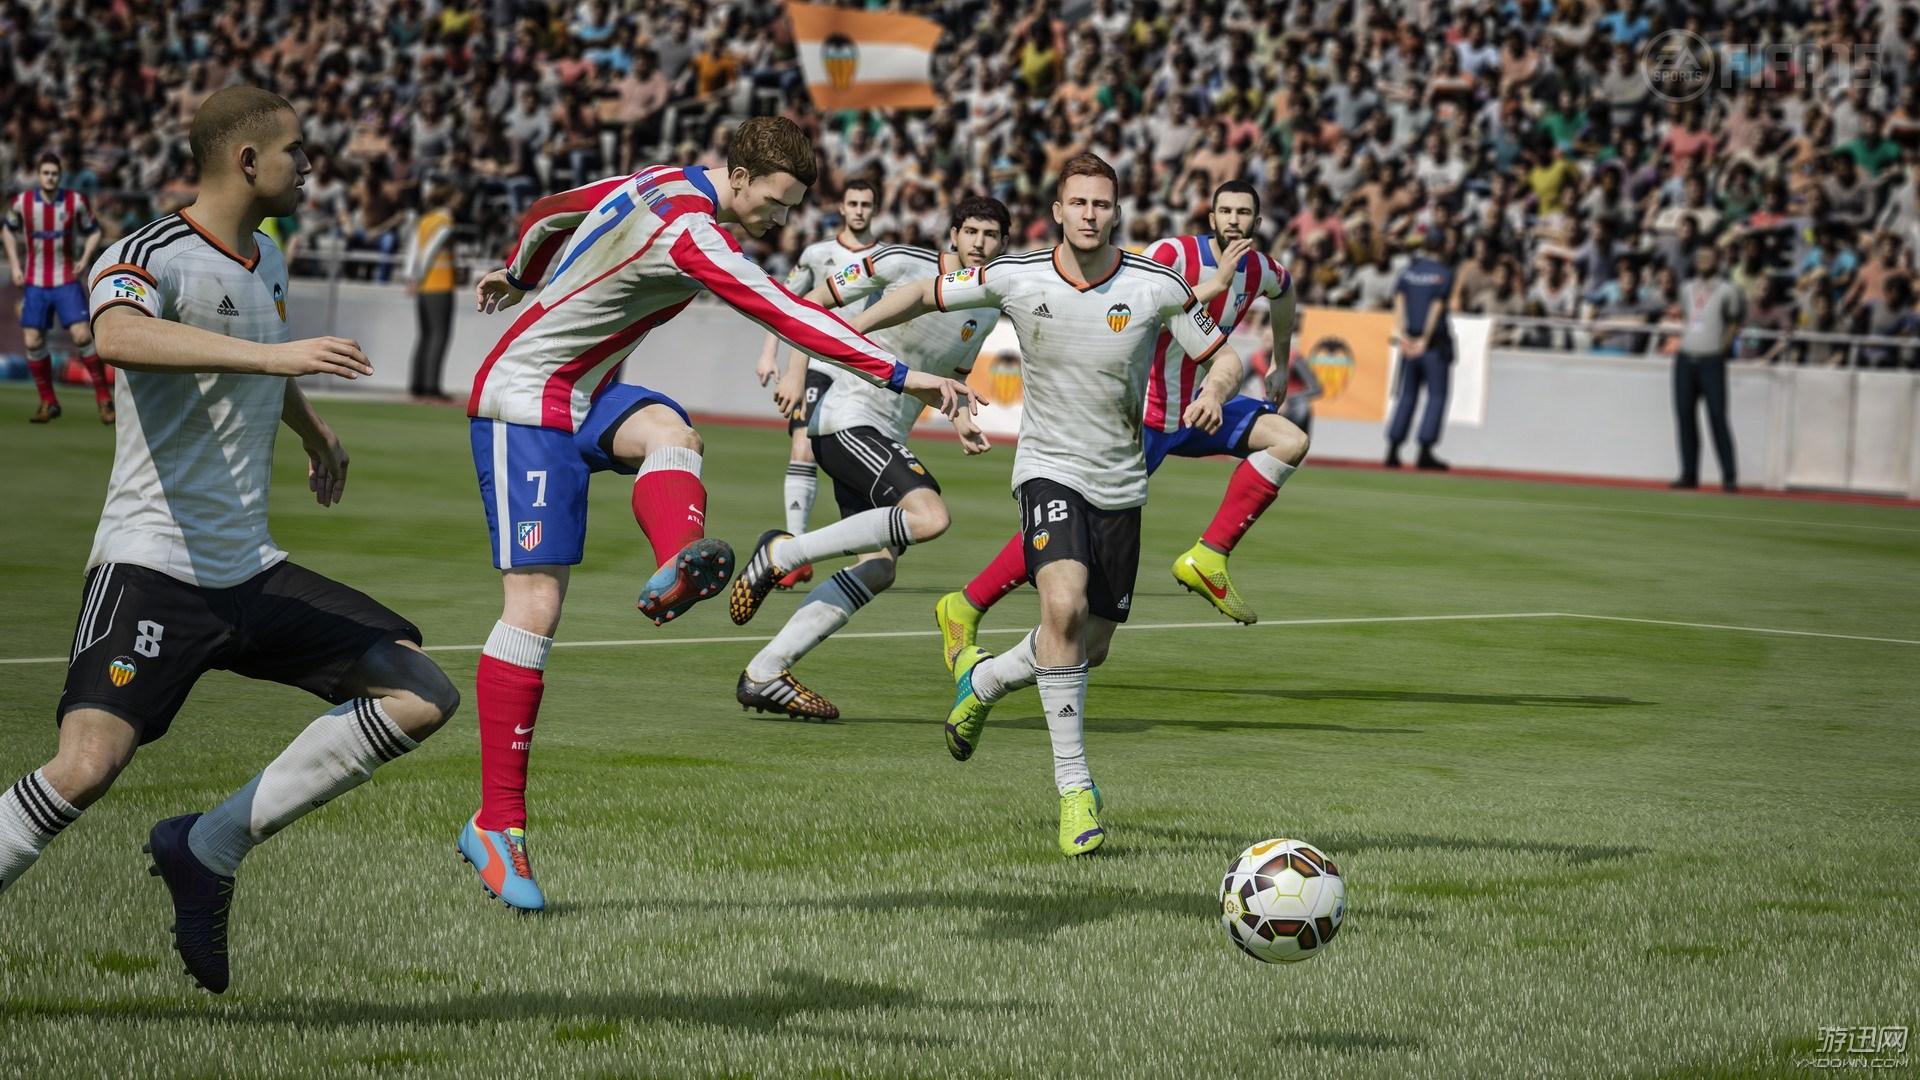 任意球_fifa 15 插花直接任意球教程 如何玩插花直接任意球